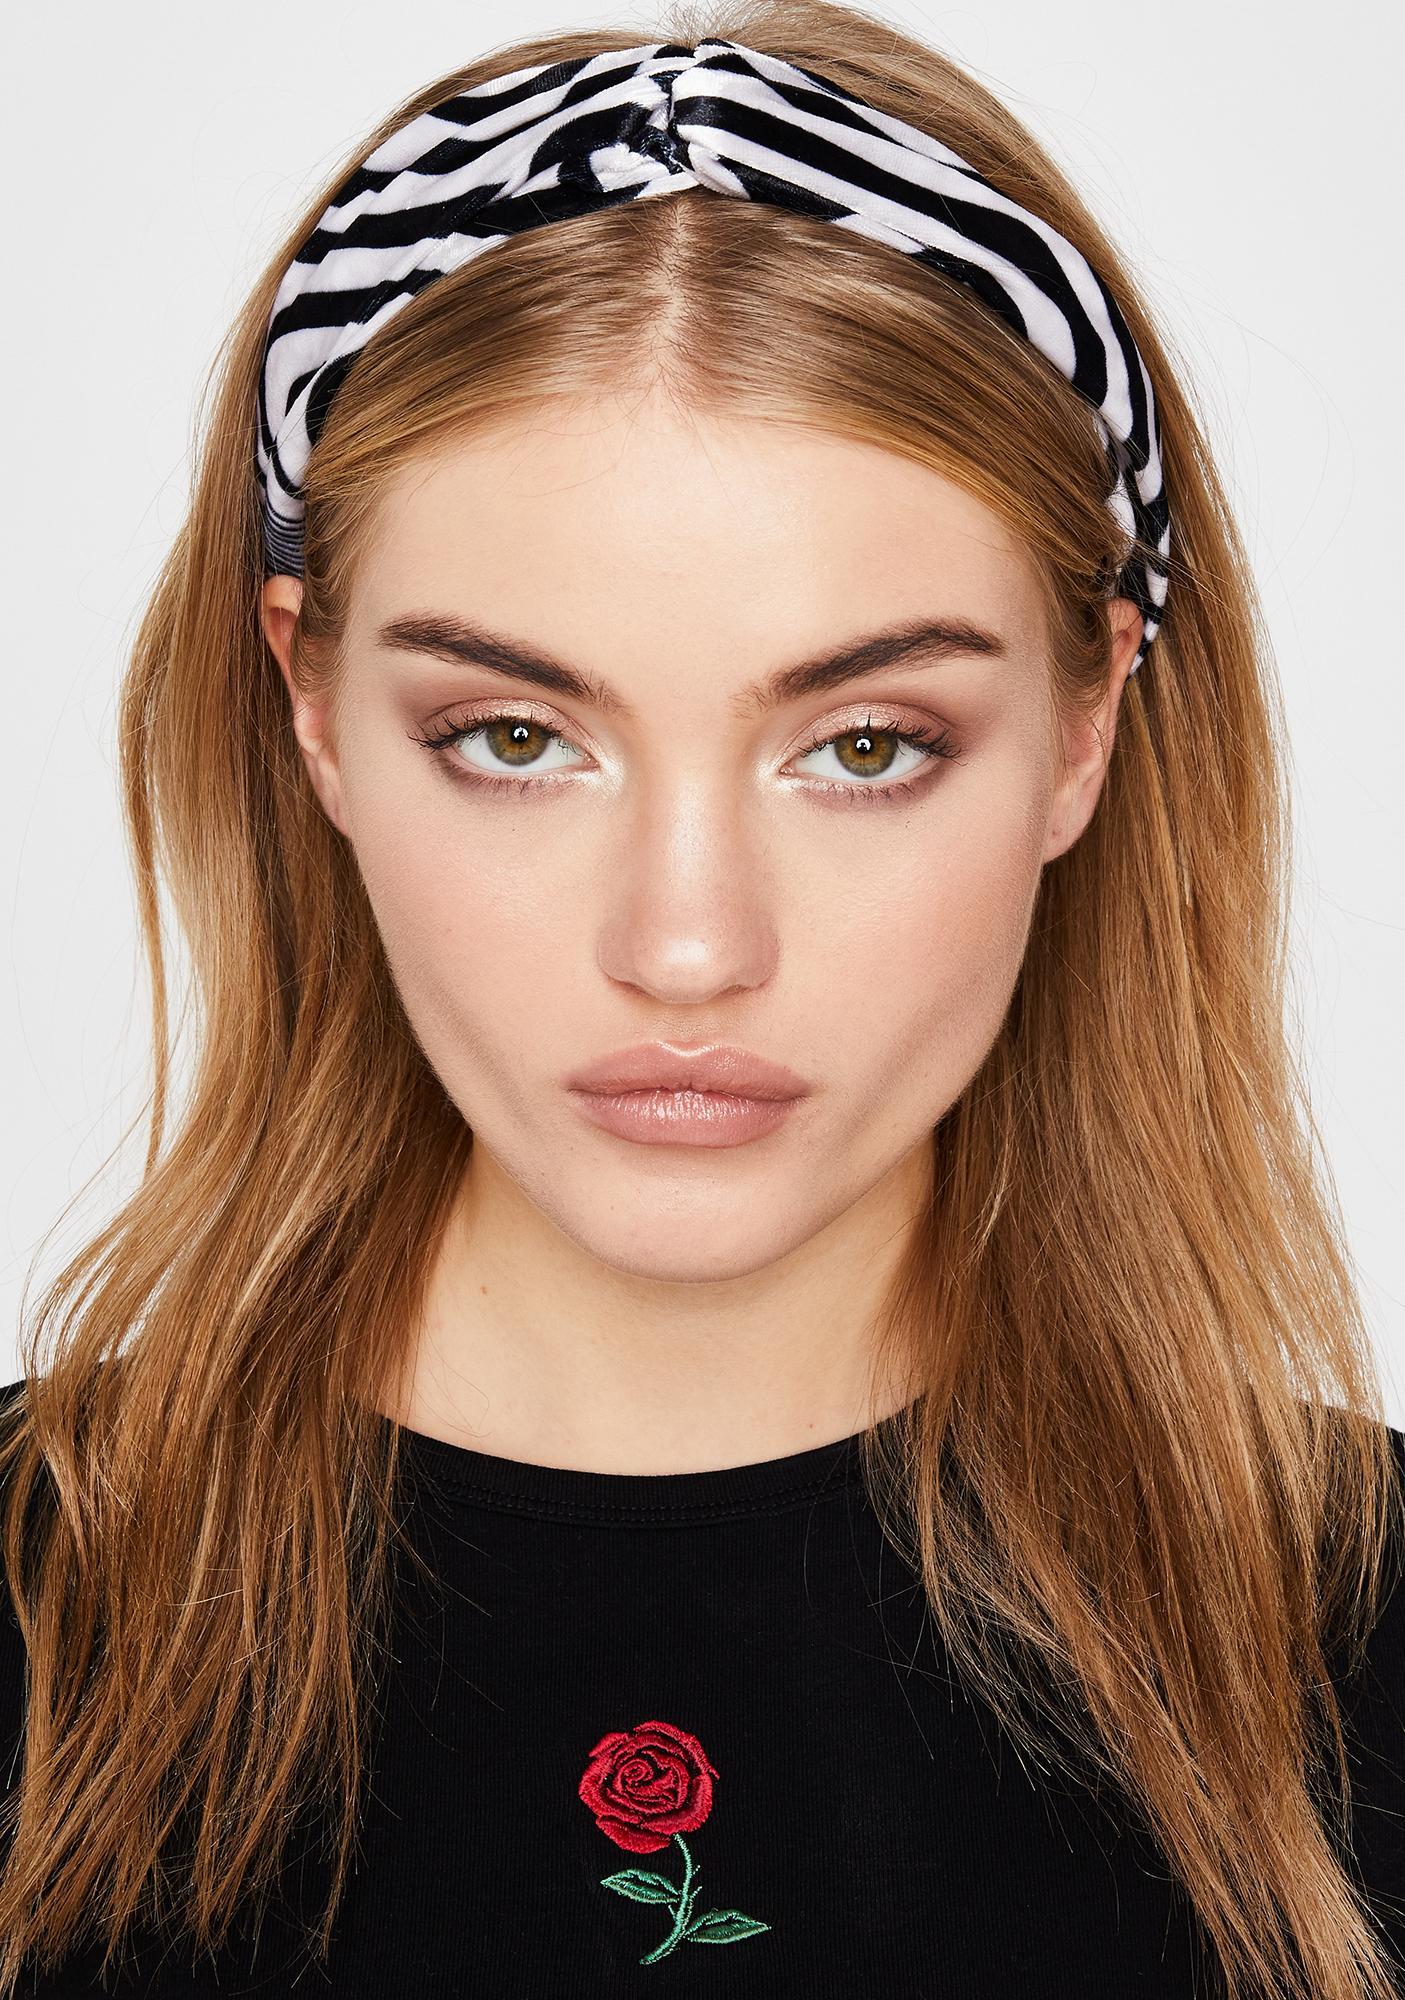 Captivating Chaos Striped Headband